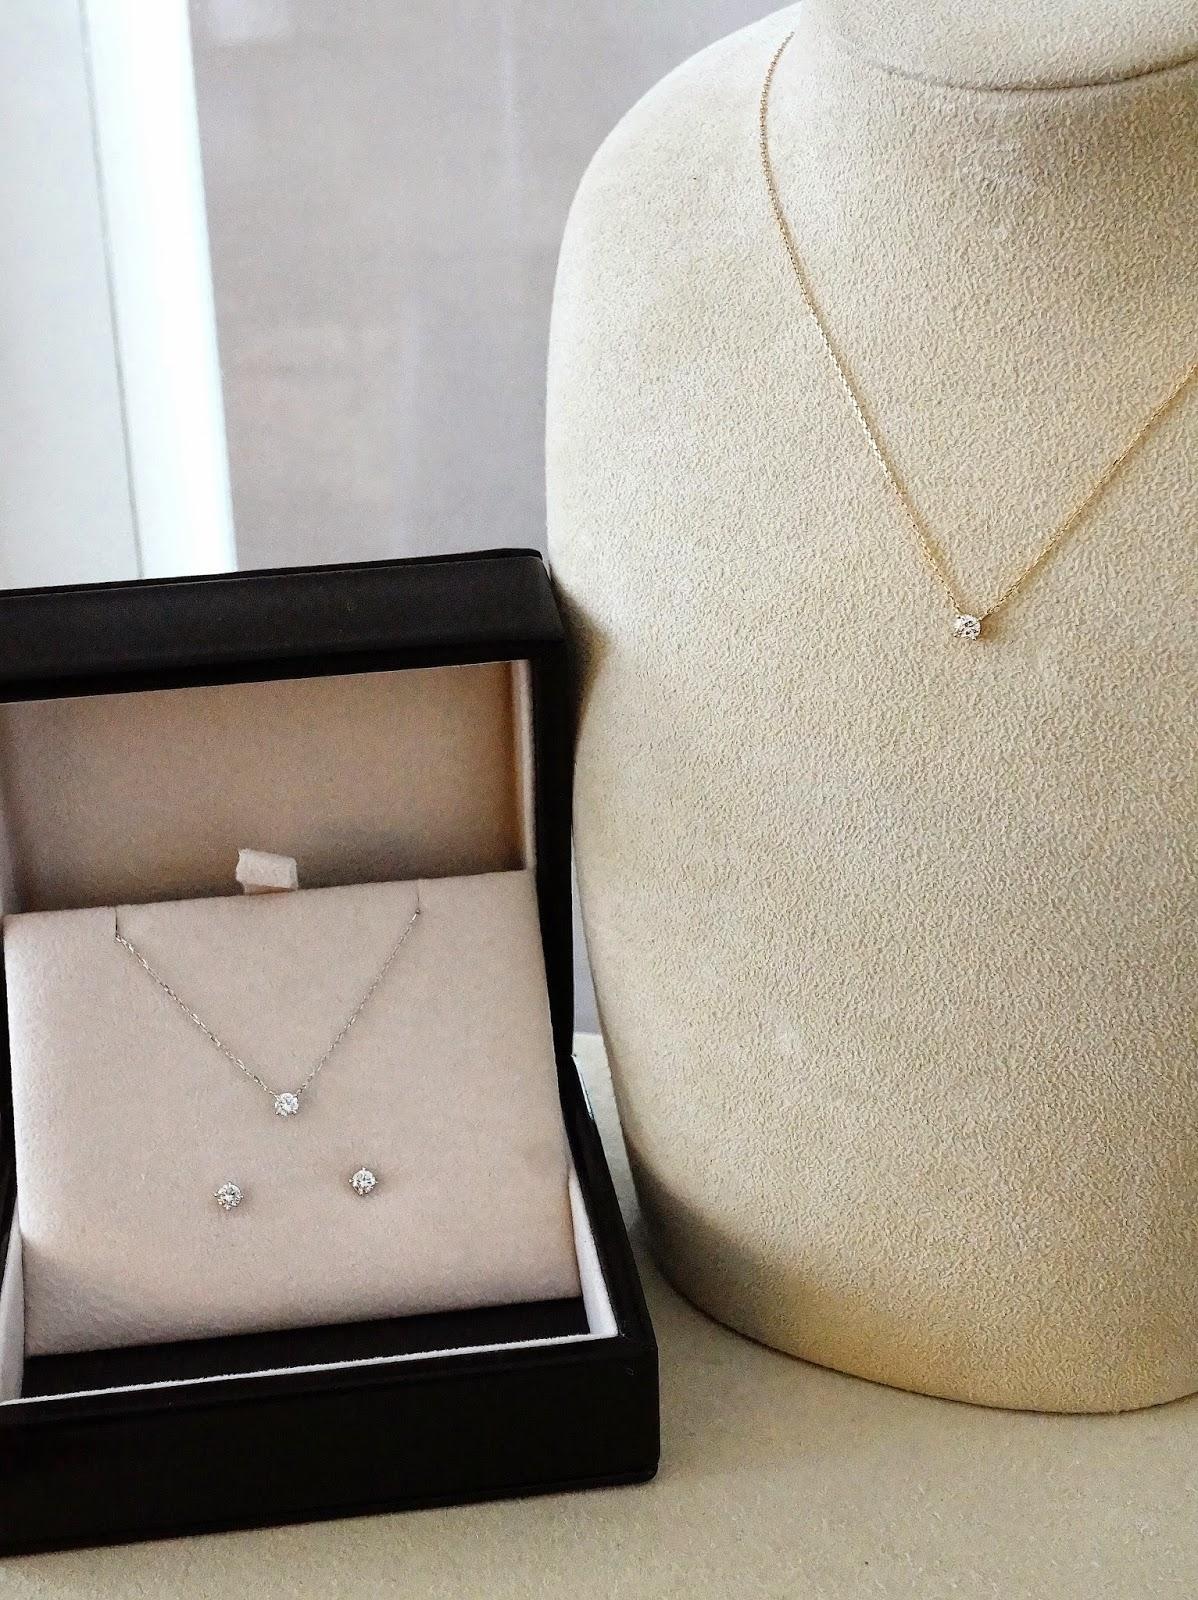 ダイヤモンドプチネックレスとダイヤモンドピアスの写真